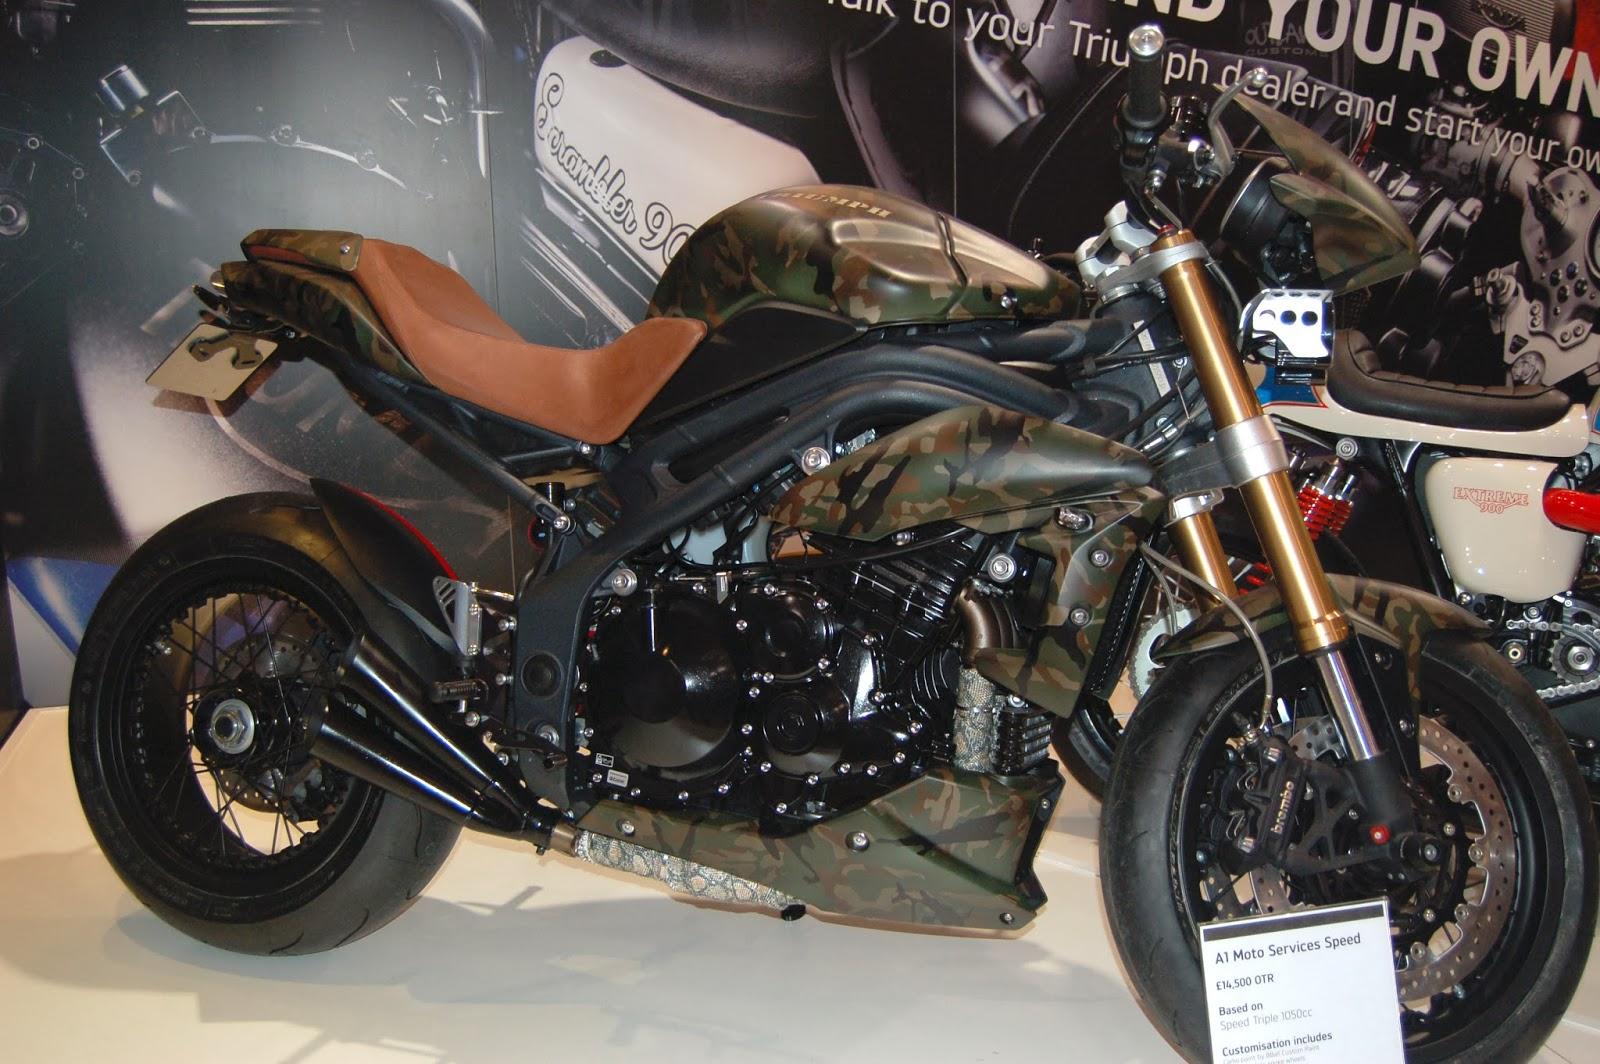 European Motorcycle Diaries: December 2013